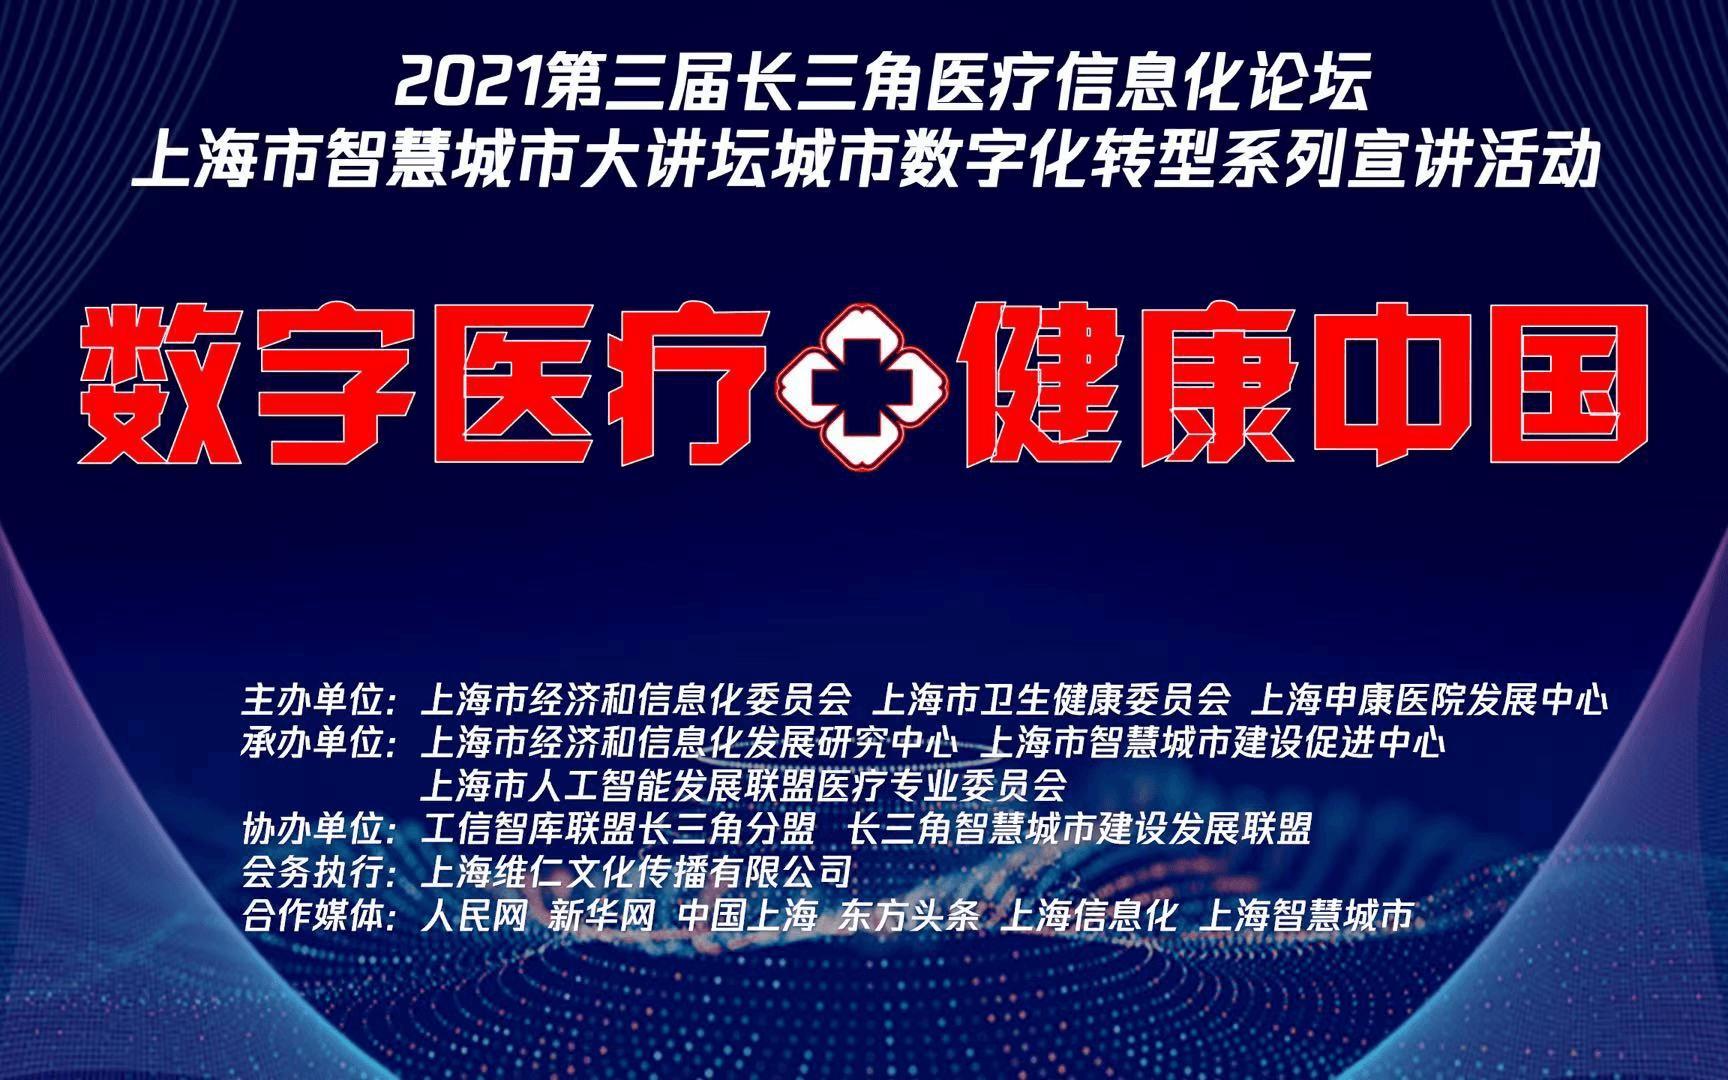 数字医疗 健康中国---2021第三届长三角医疗信息化论坛暨上海市智慧城市大讲坛城市数字化转型系列宣讲活动